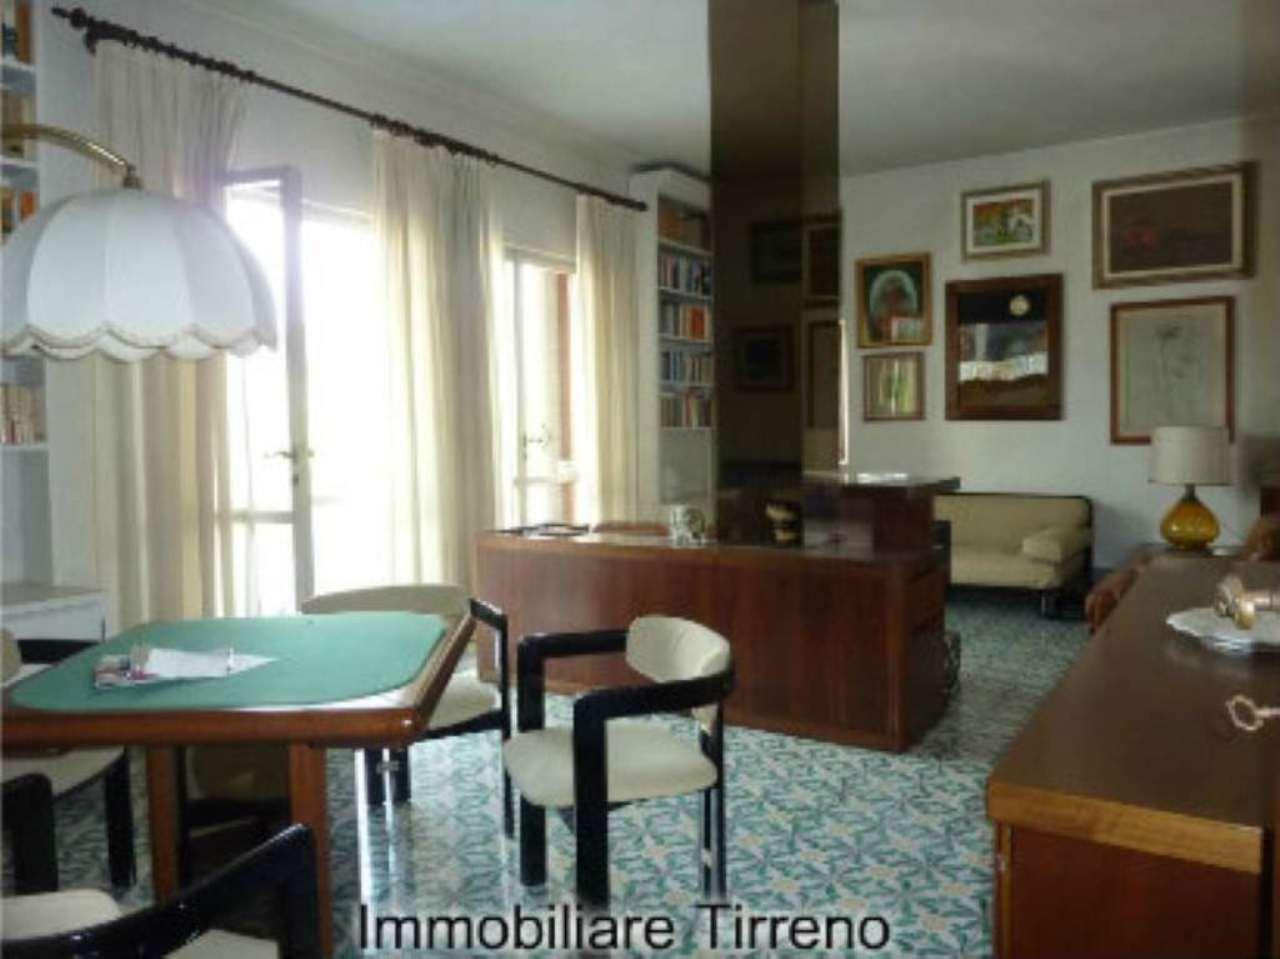 Attico / Mansarda in vendita a Forte dei Marmi, 8 locali, prezzo € 1.050.000 | Cambio Casa.it